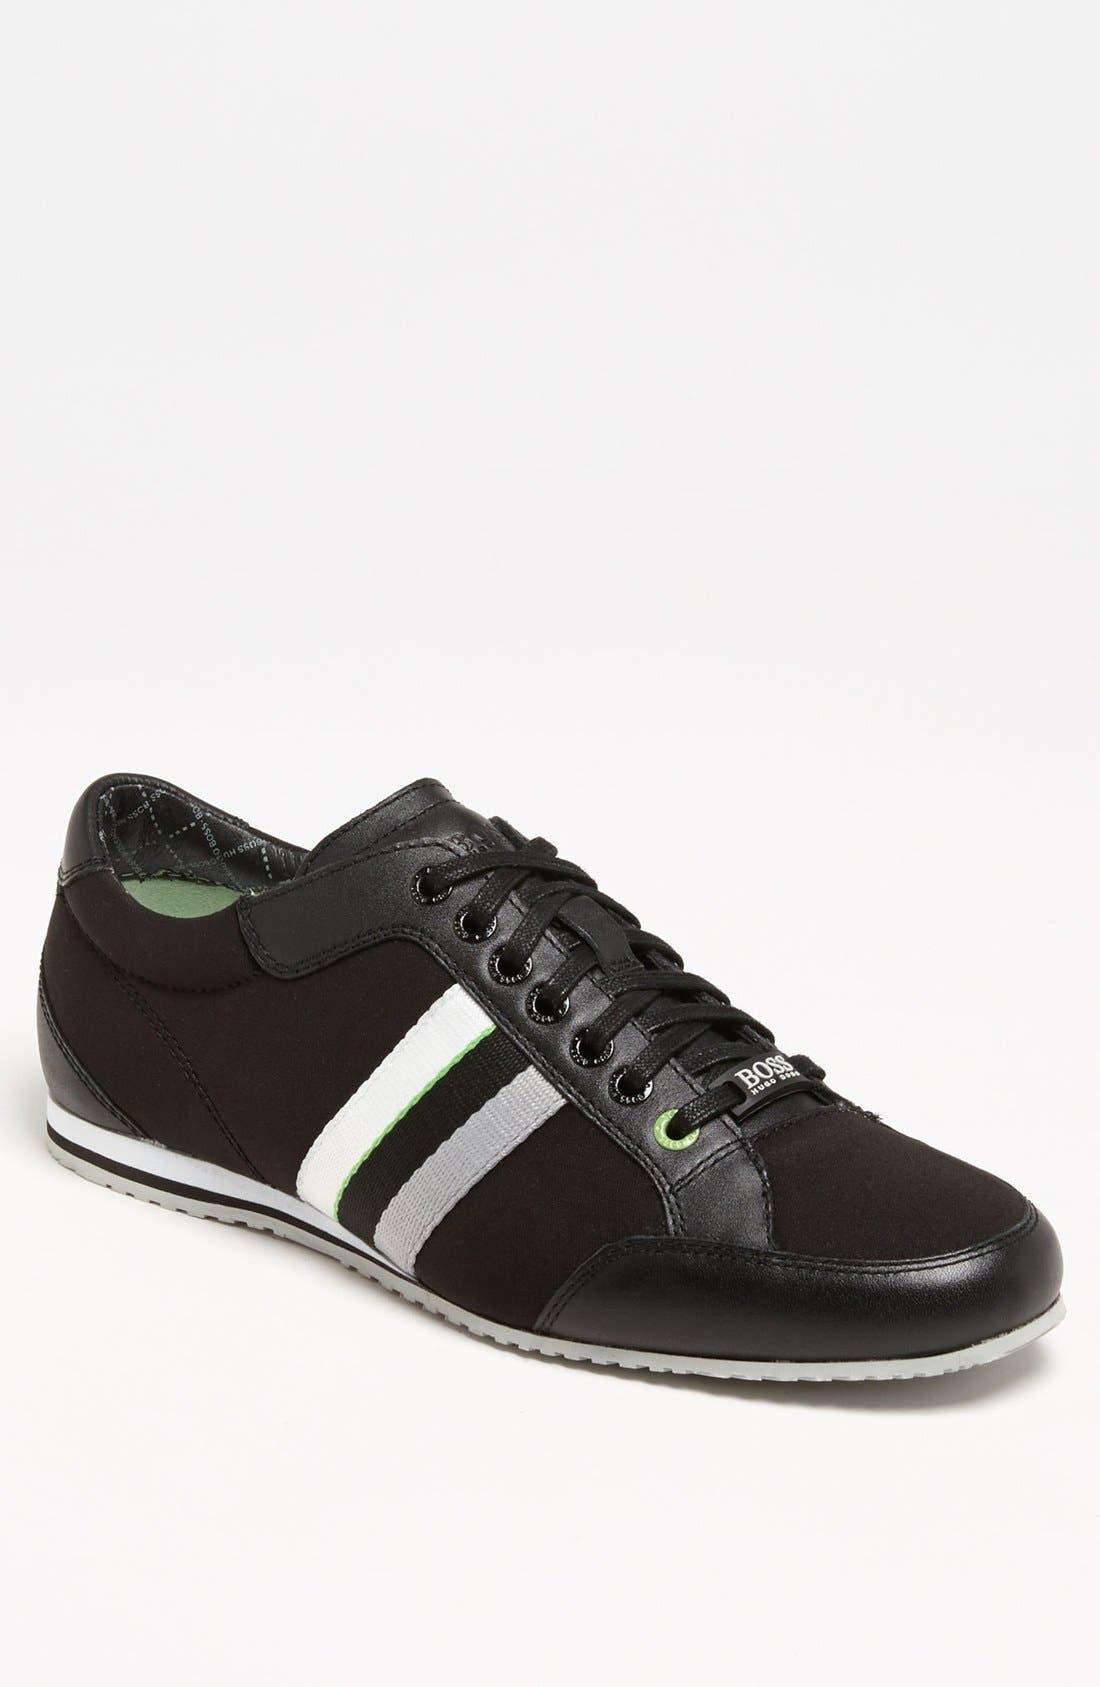 Alternate Image 1 Selected - BOSS Green 'Victoire' Sneaker